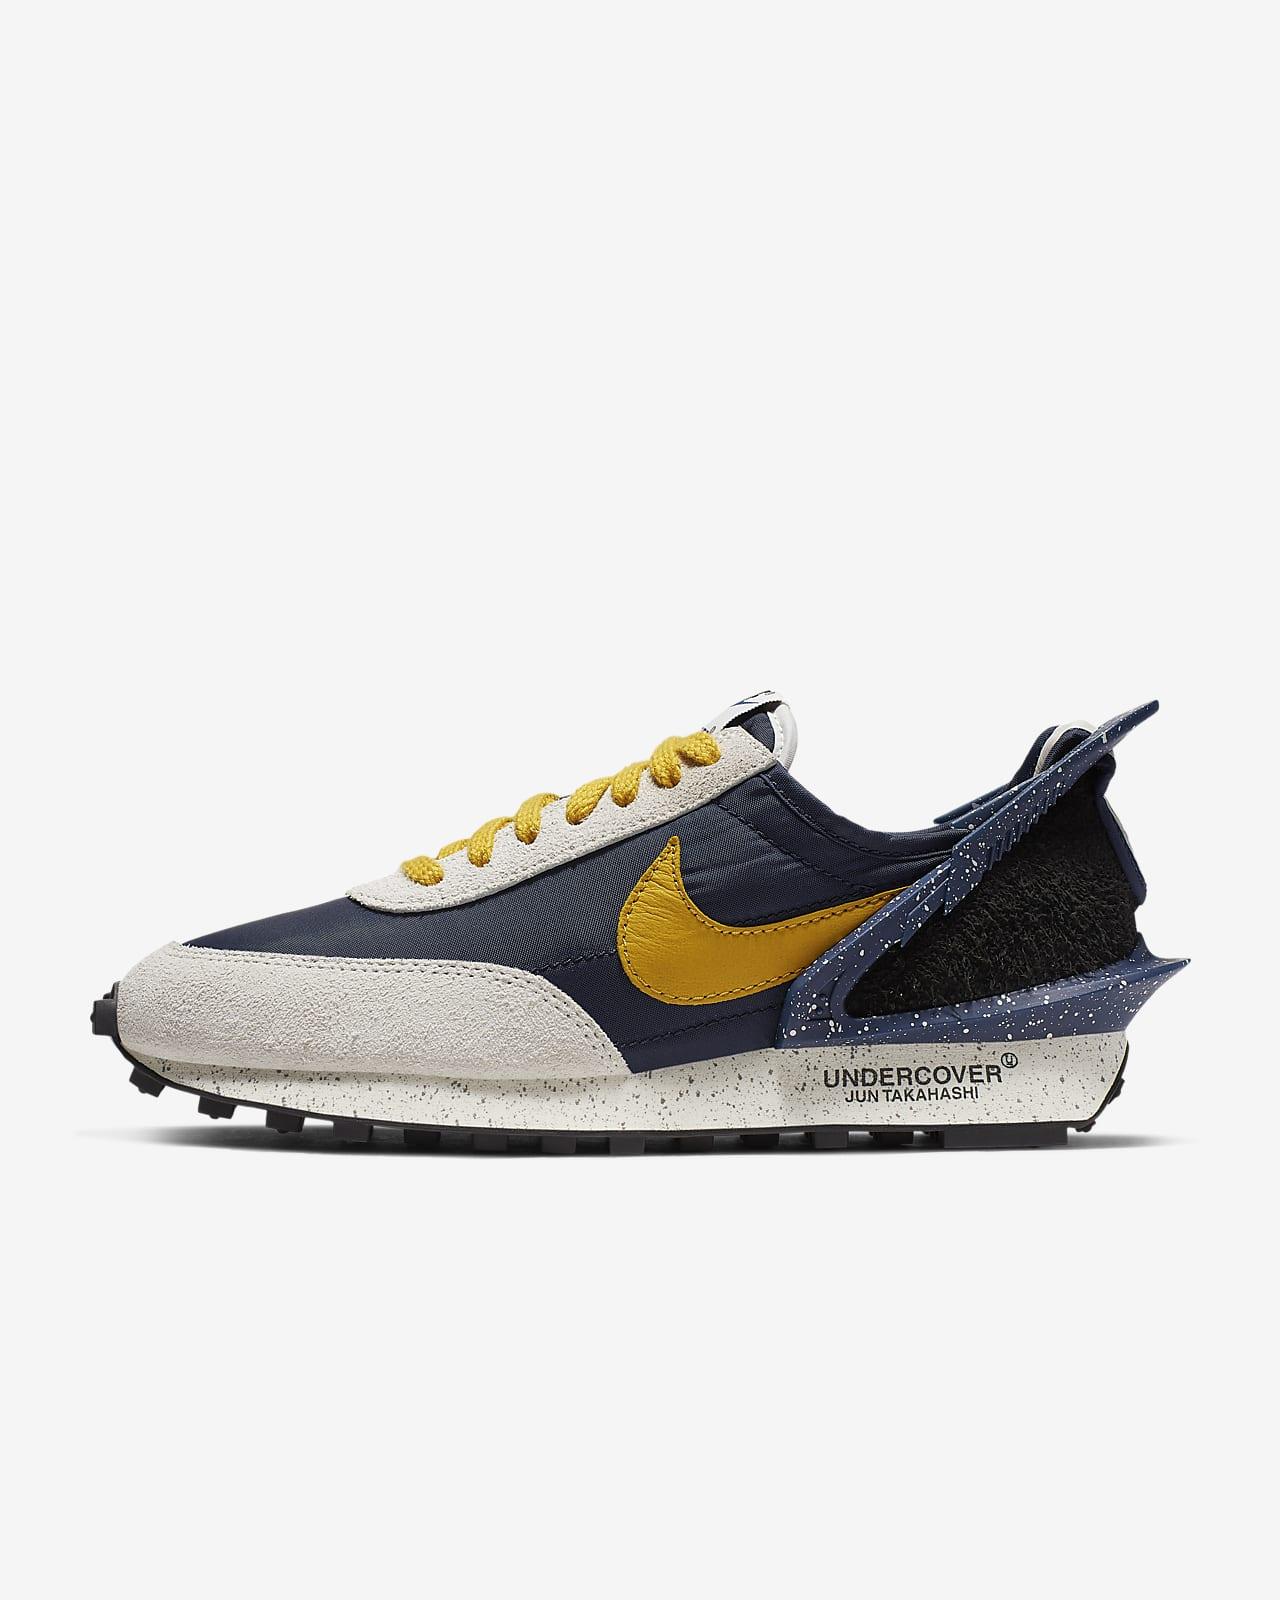 Undercover Daybreak Women's Shoe. Nike JP